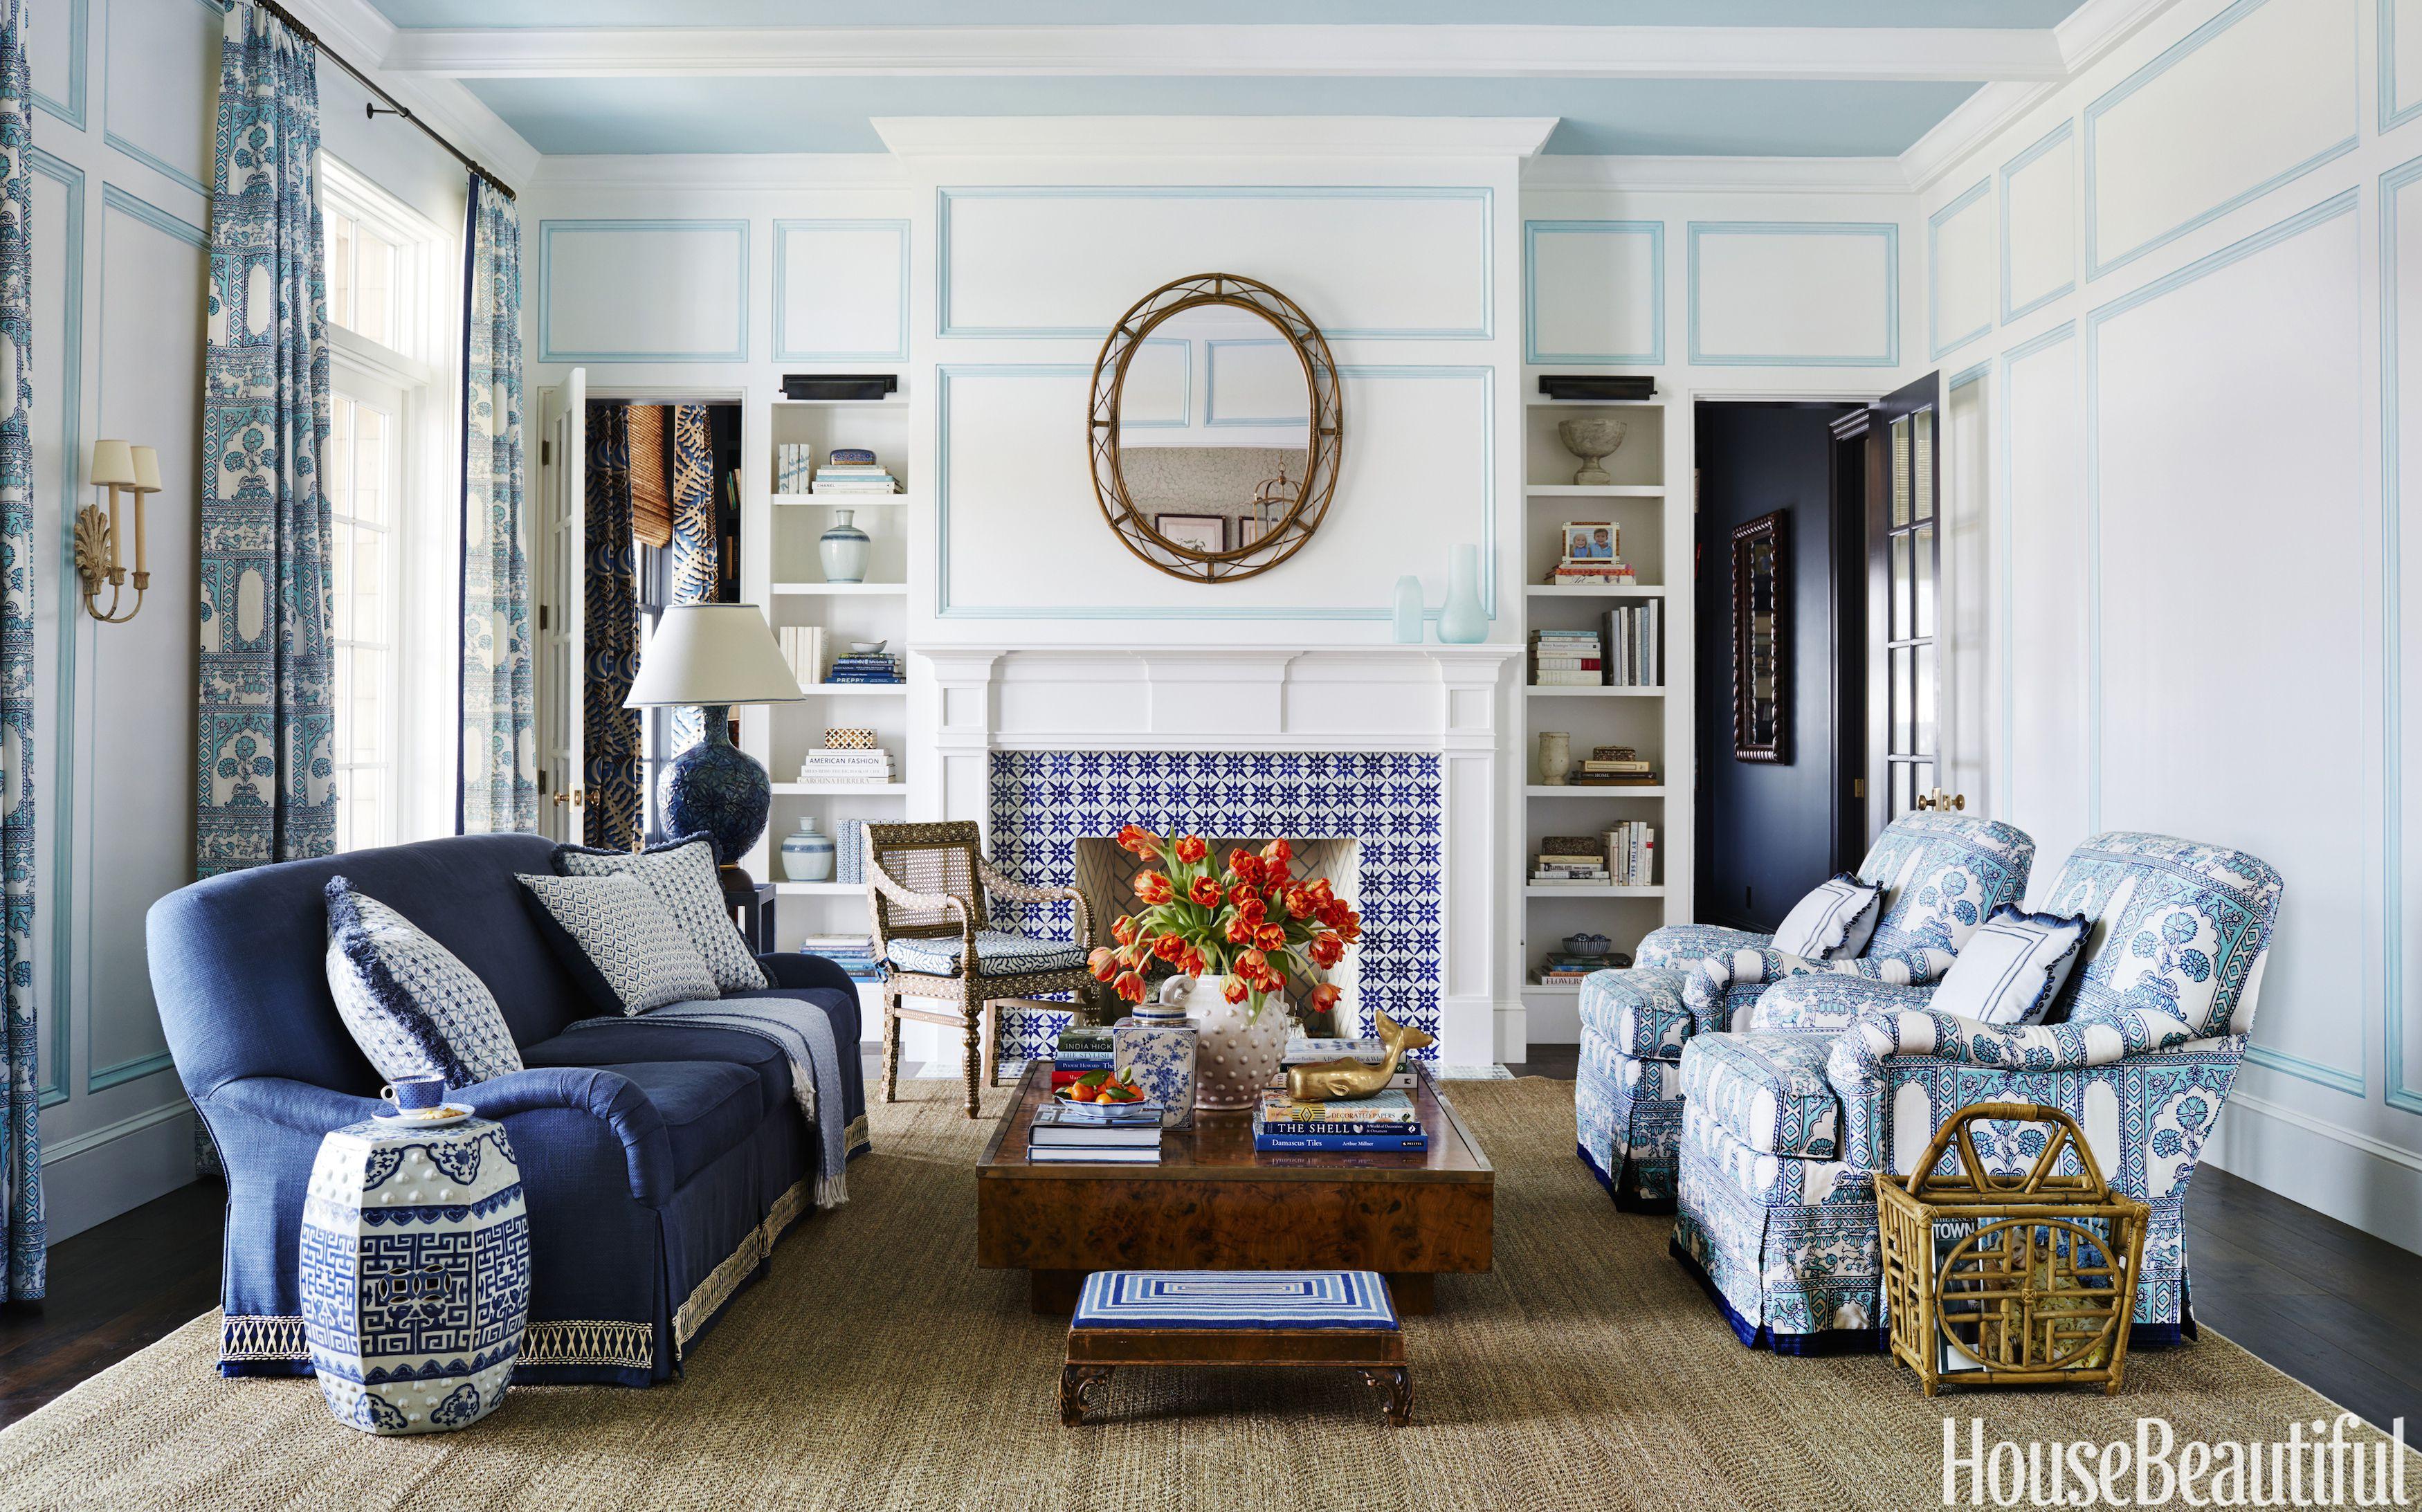 Interior Design Ideas For Living Room Storiestrending Com